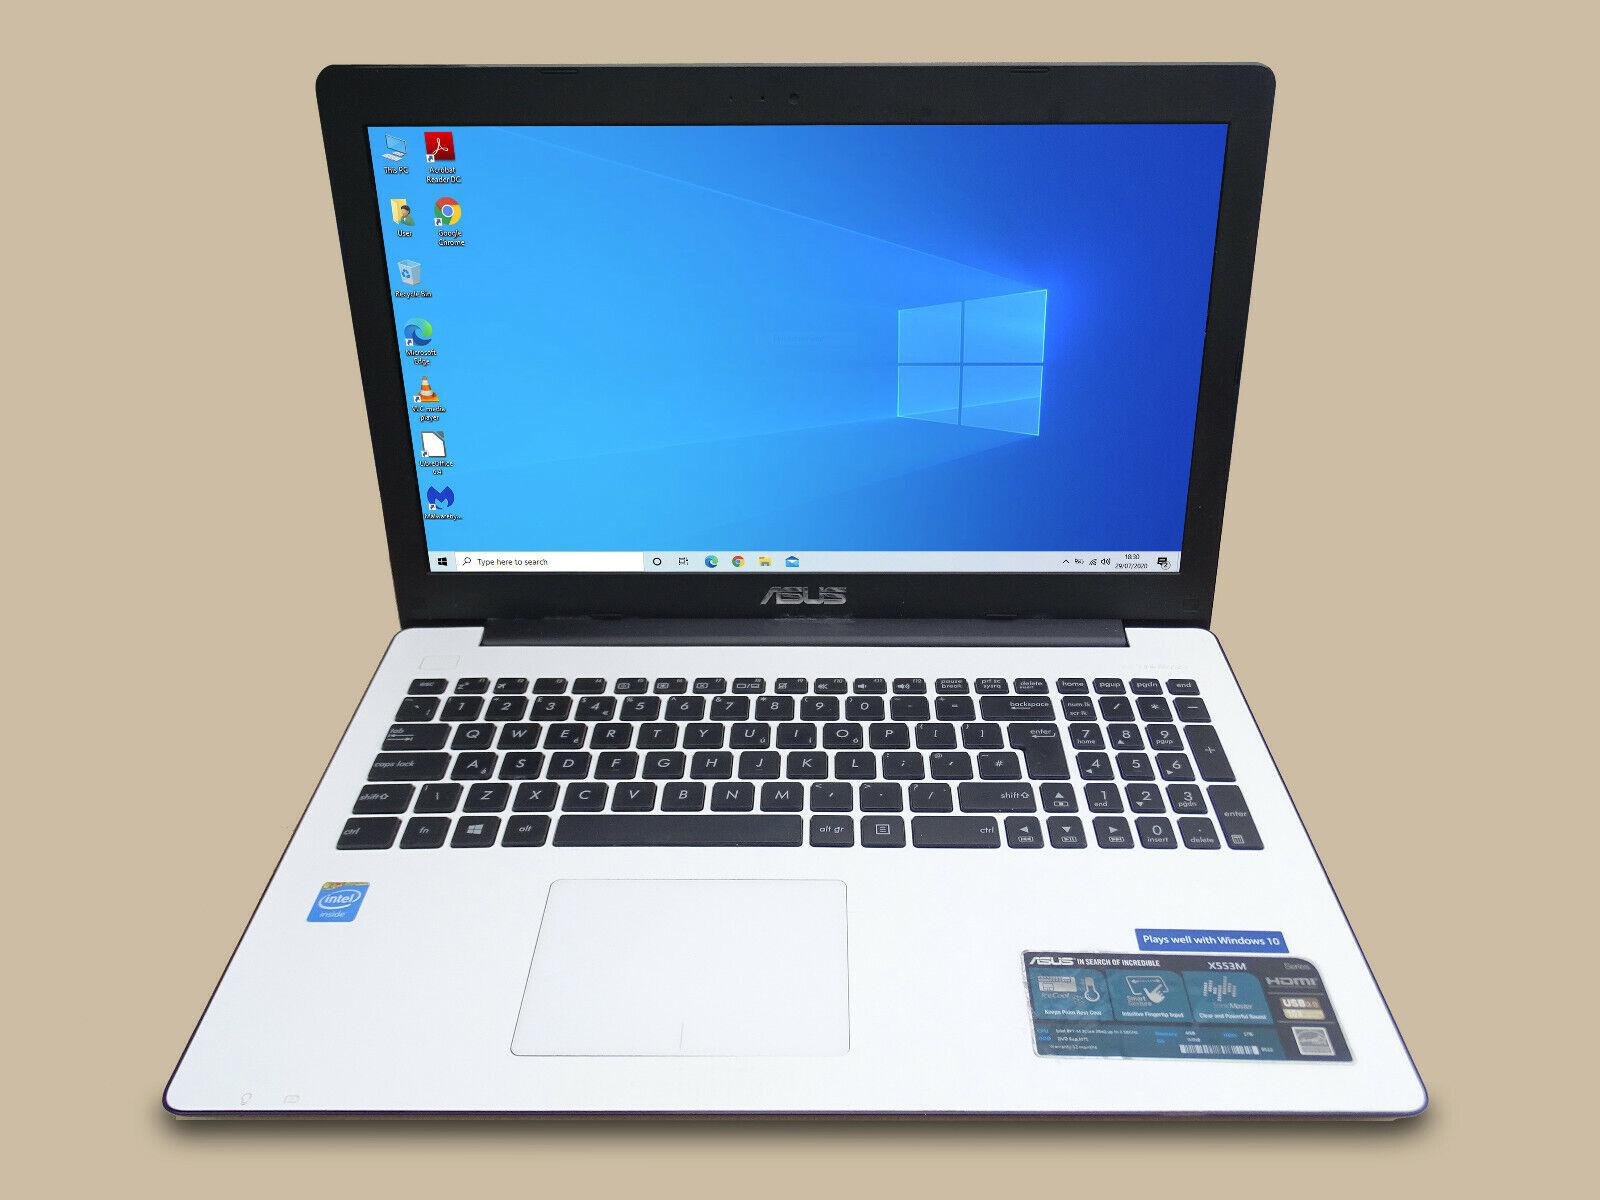 Laptop Windows - Asus X553M Windows 10 laptop, Intel Celeron N2840, 4 GB RAM